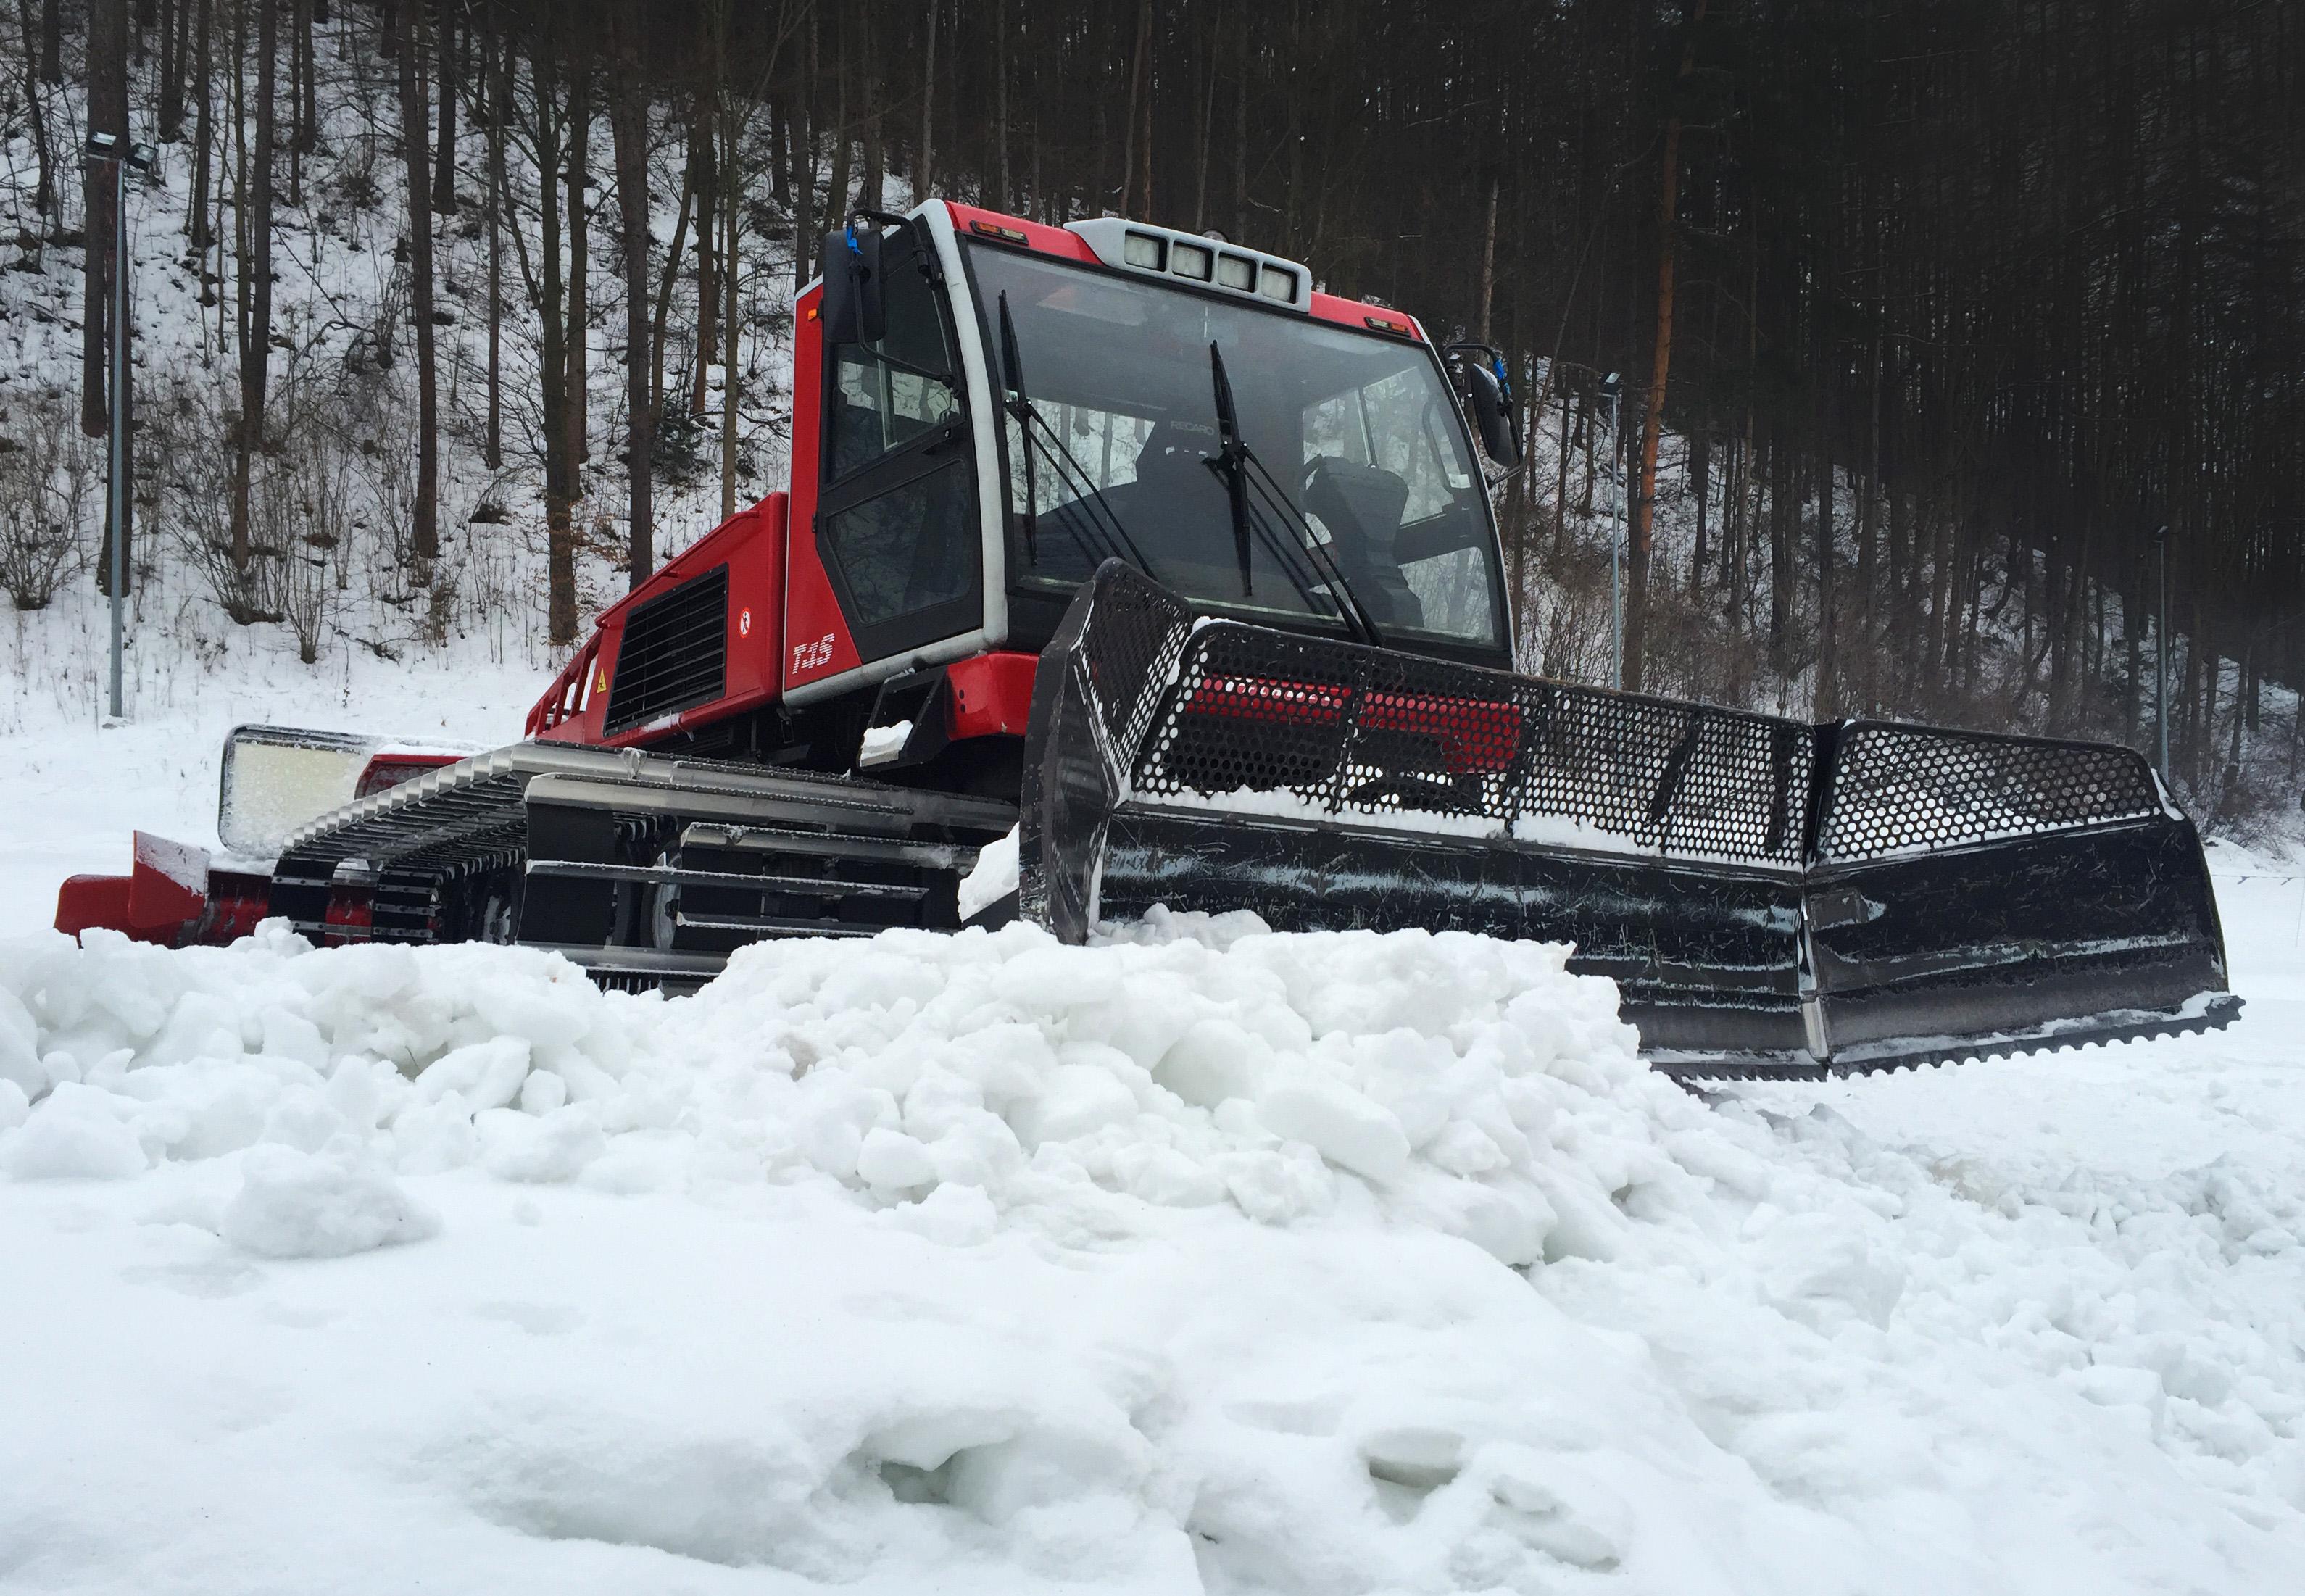 Red ratrak snowcat photo